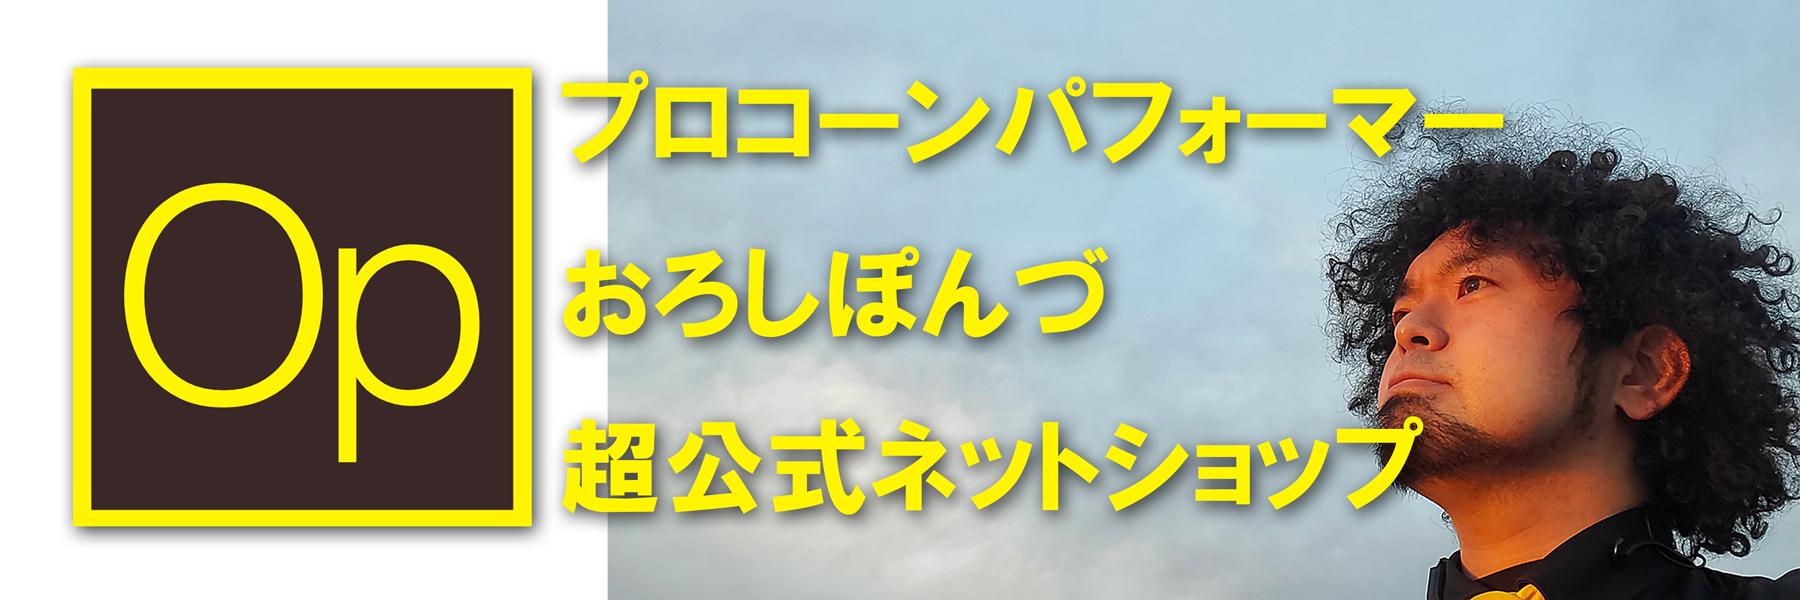 おろしぽんづ超公式ウェブショップ